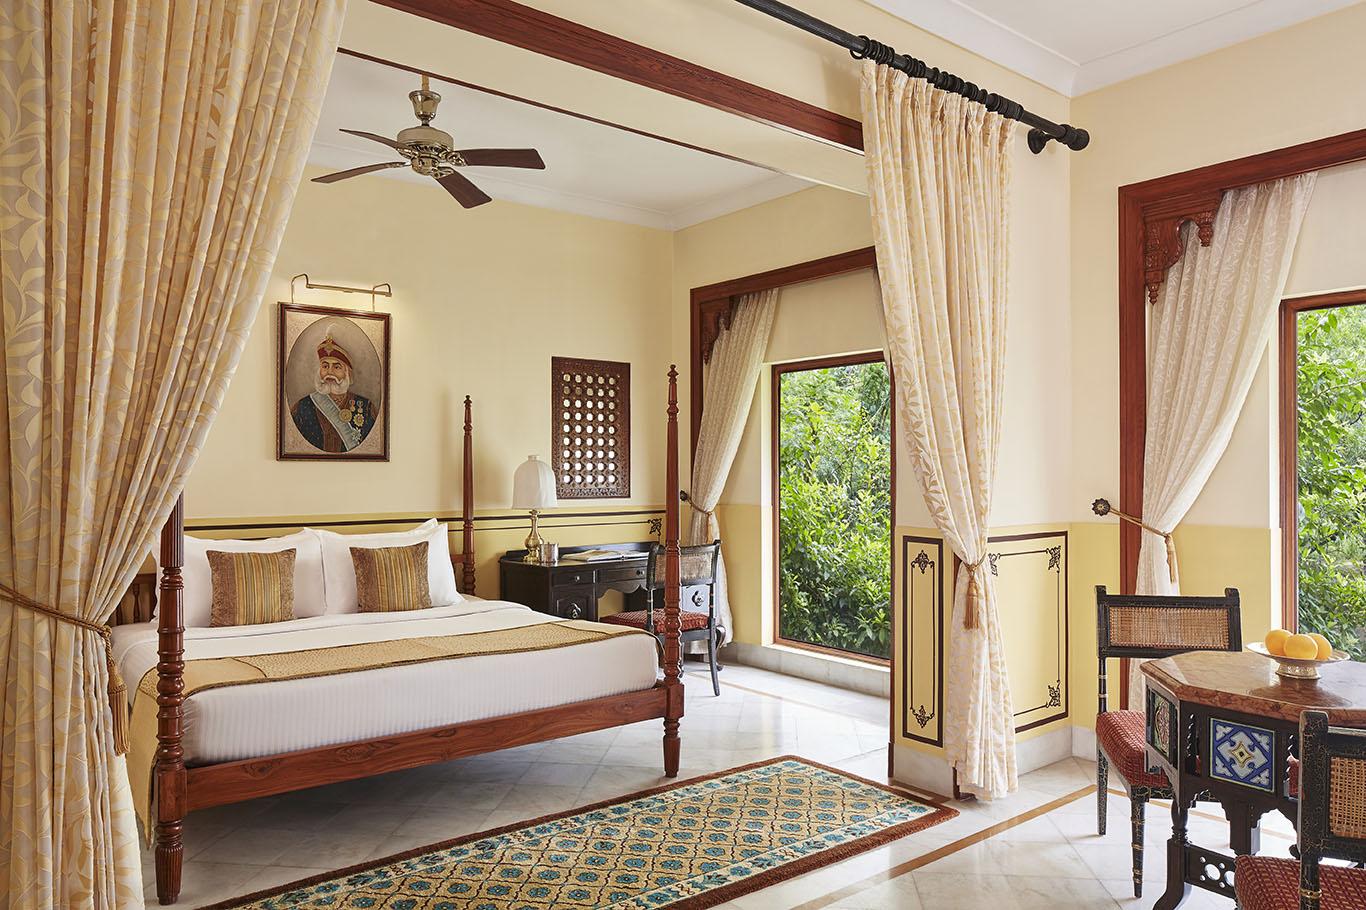 House design jaipur - Deluxeroom3x2 Jpg